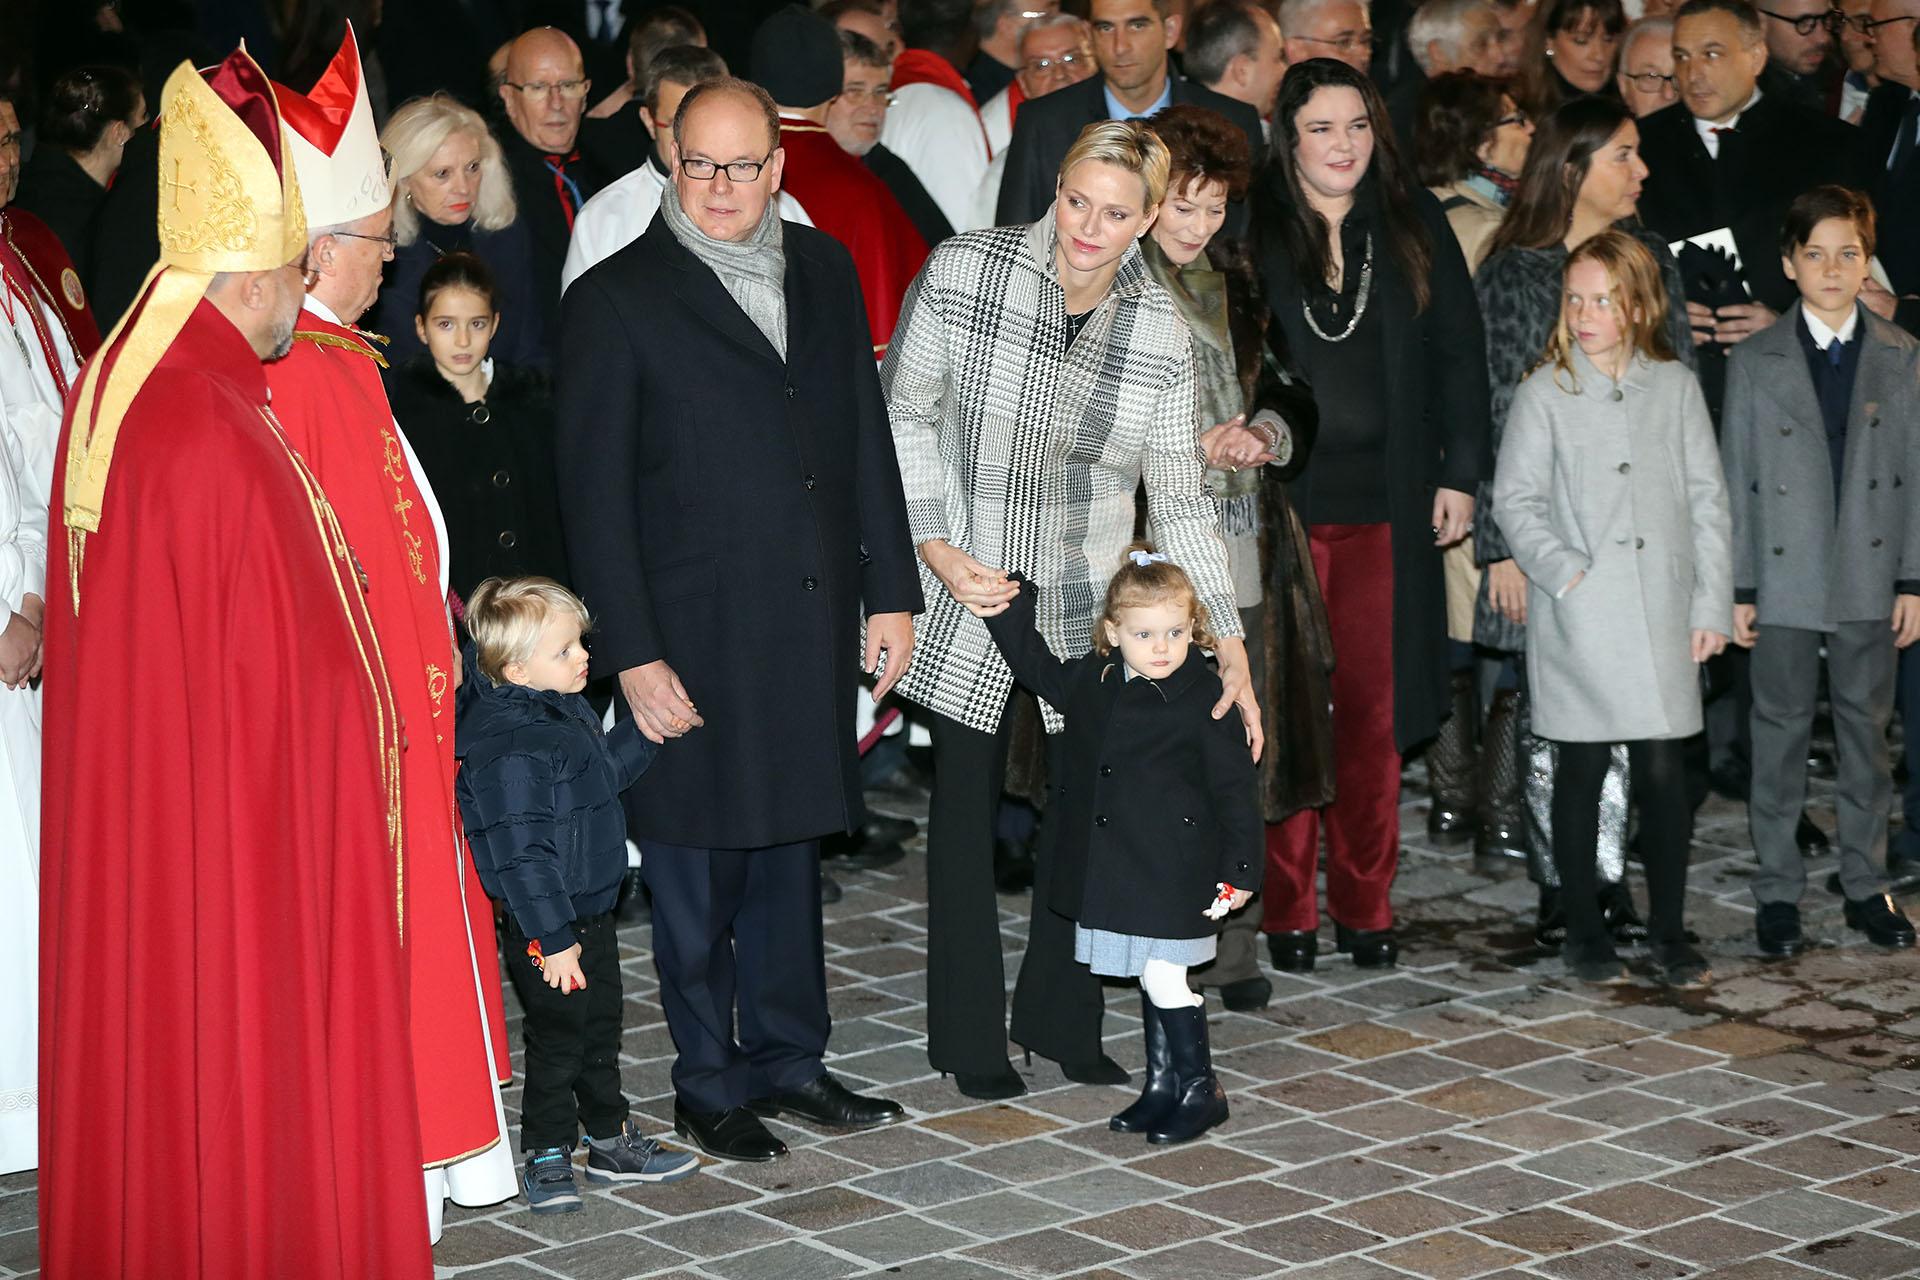 Alberto de Mónaco junto a su mujer, la princesa Charlene, y sus hijos Gabriella y Jacques durante la ceremonia